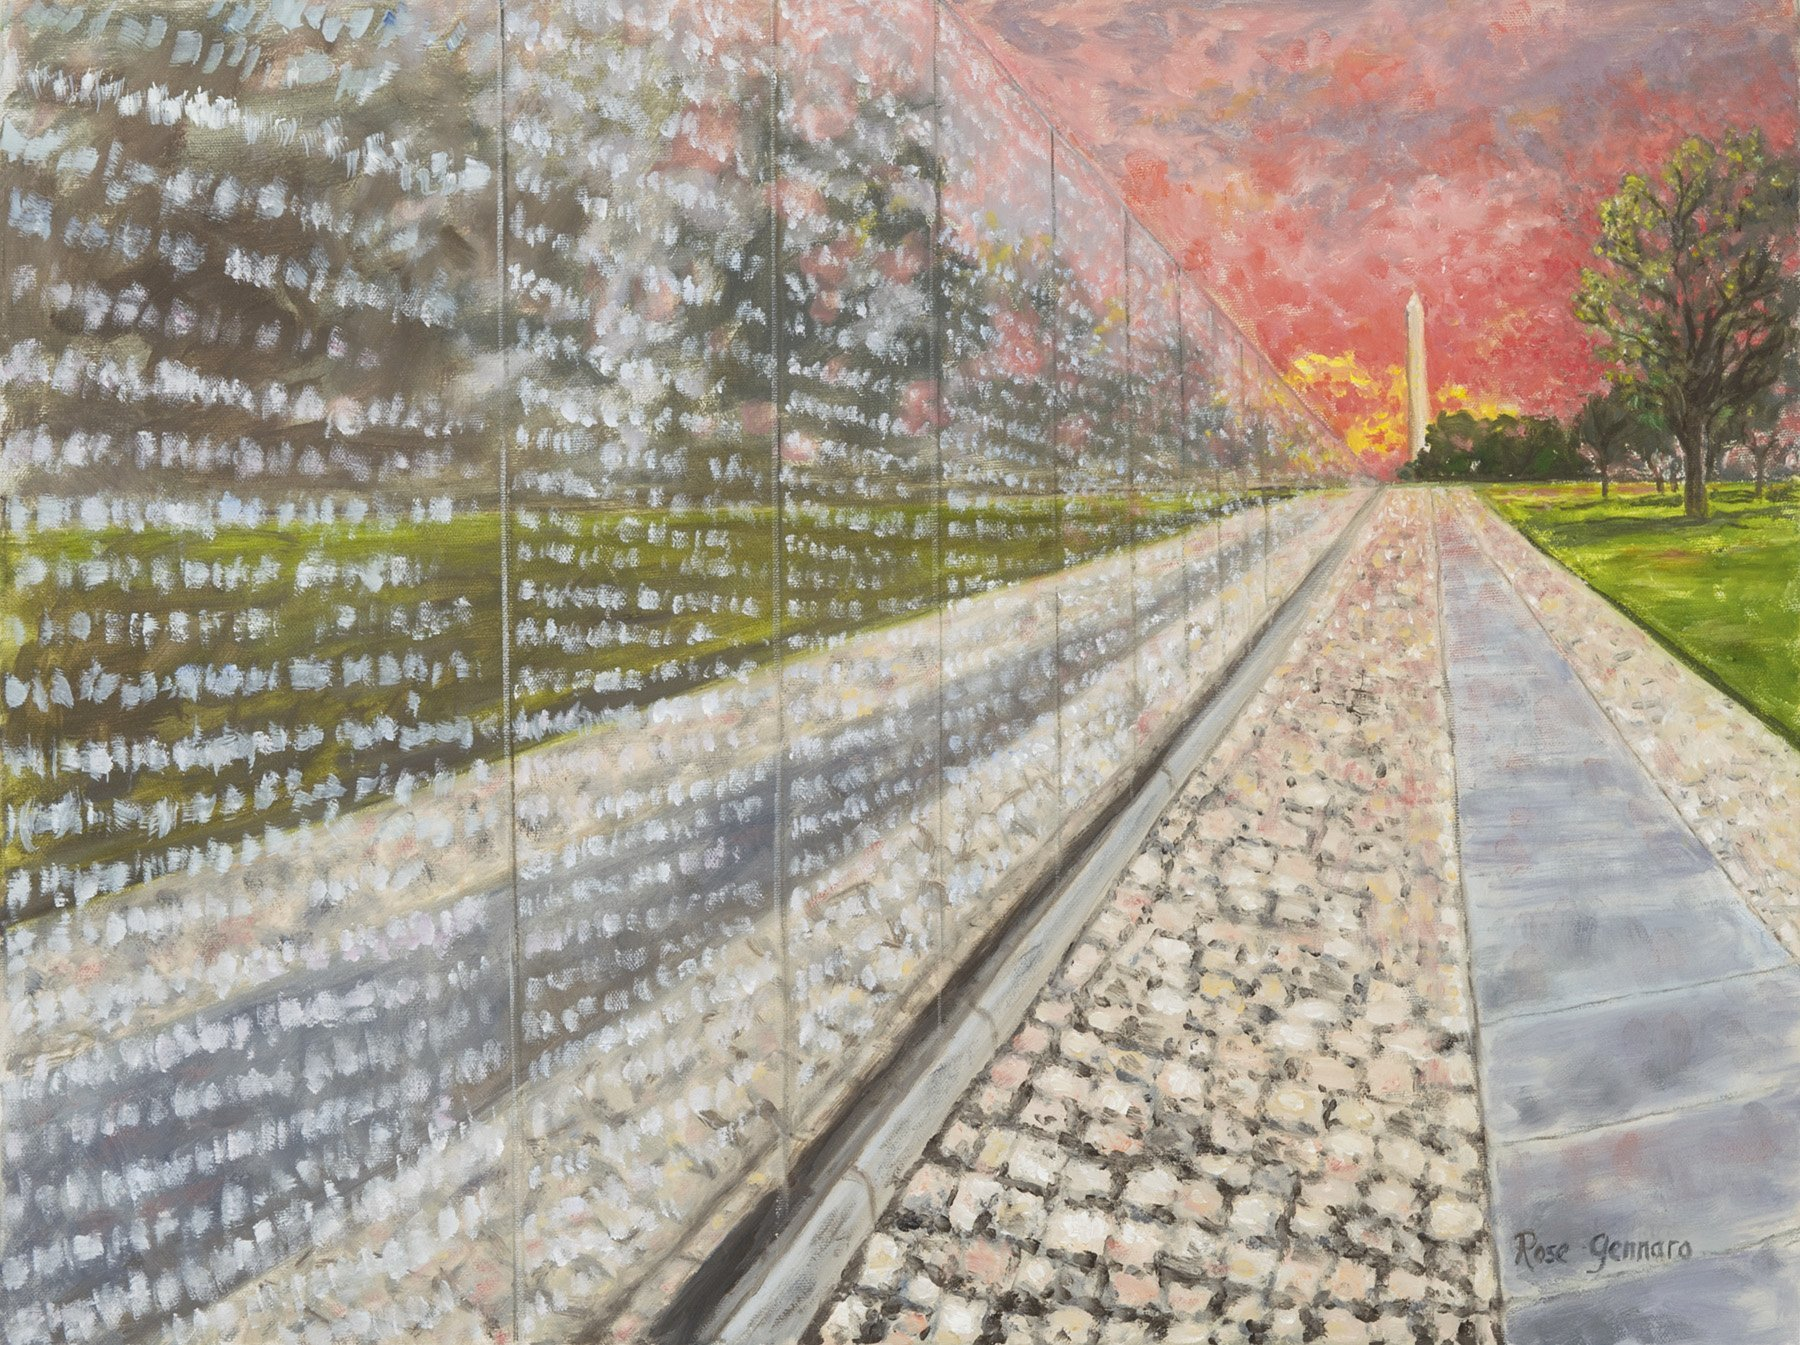 Vietnam Memorial Collection